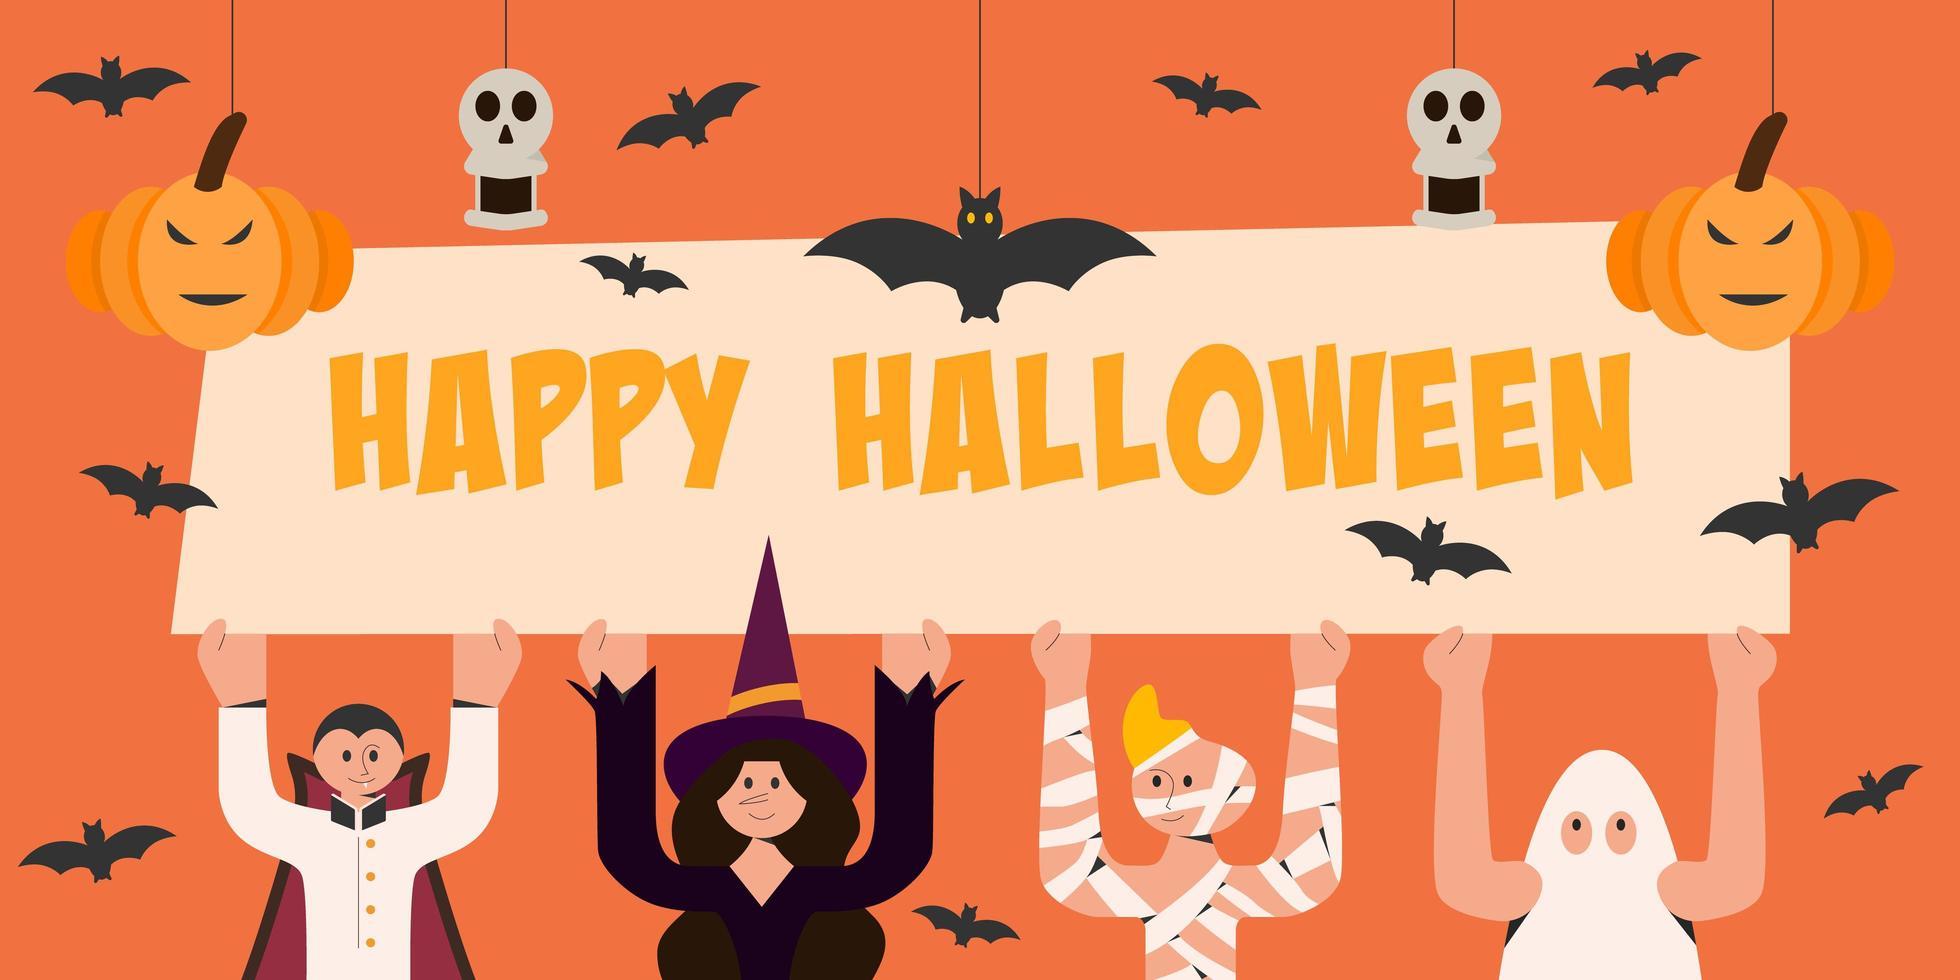 personajes del día de halloween con cartel de feliz halloween vector